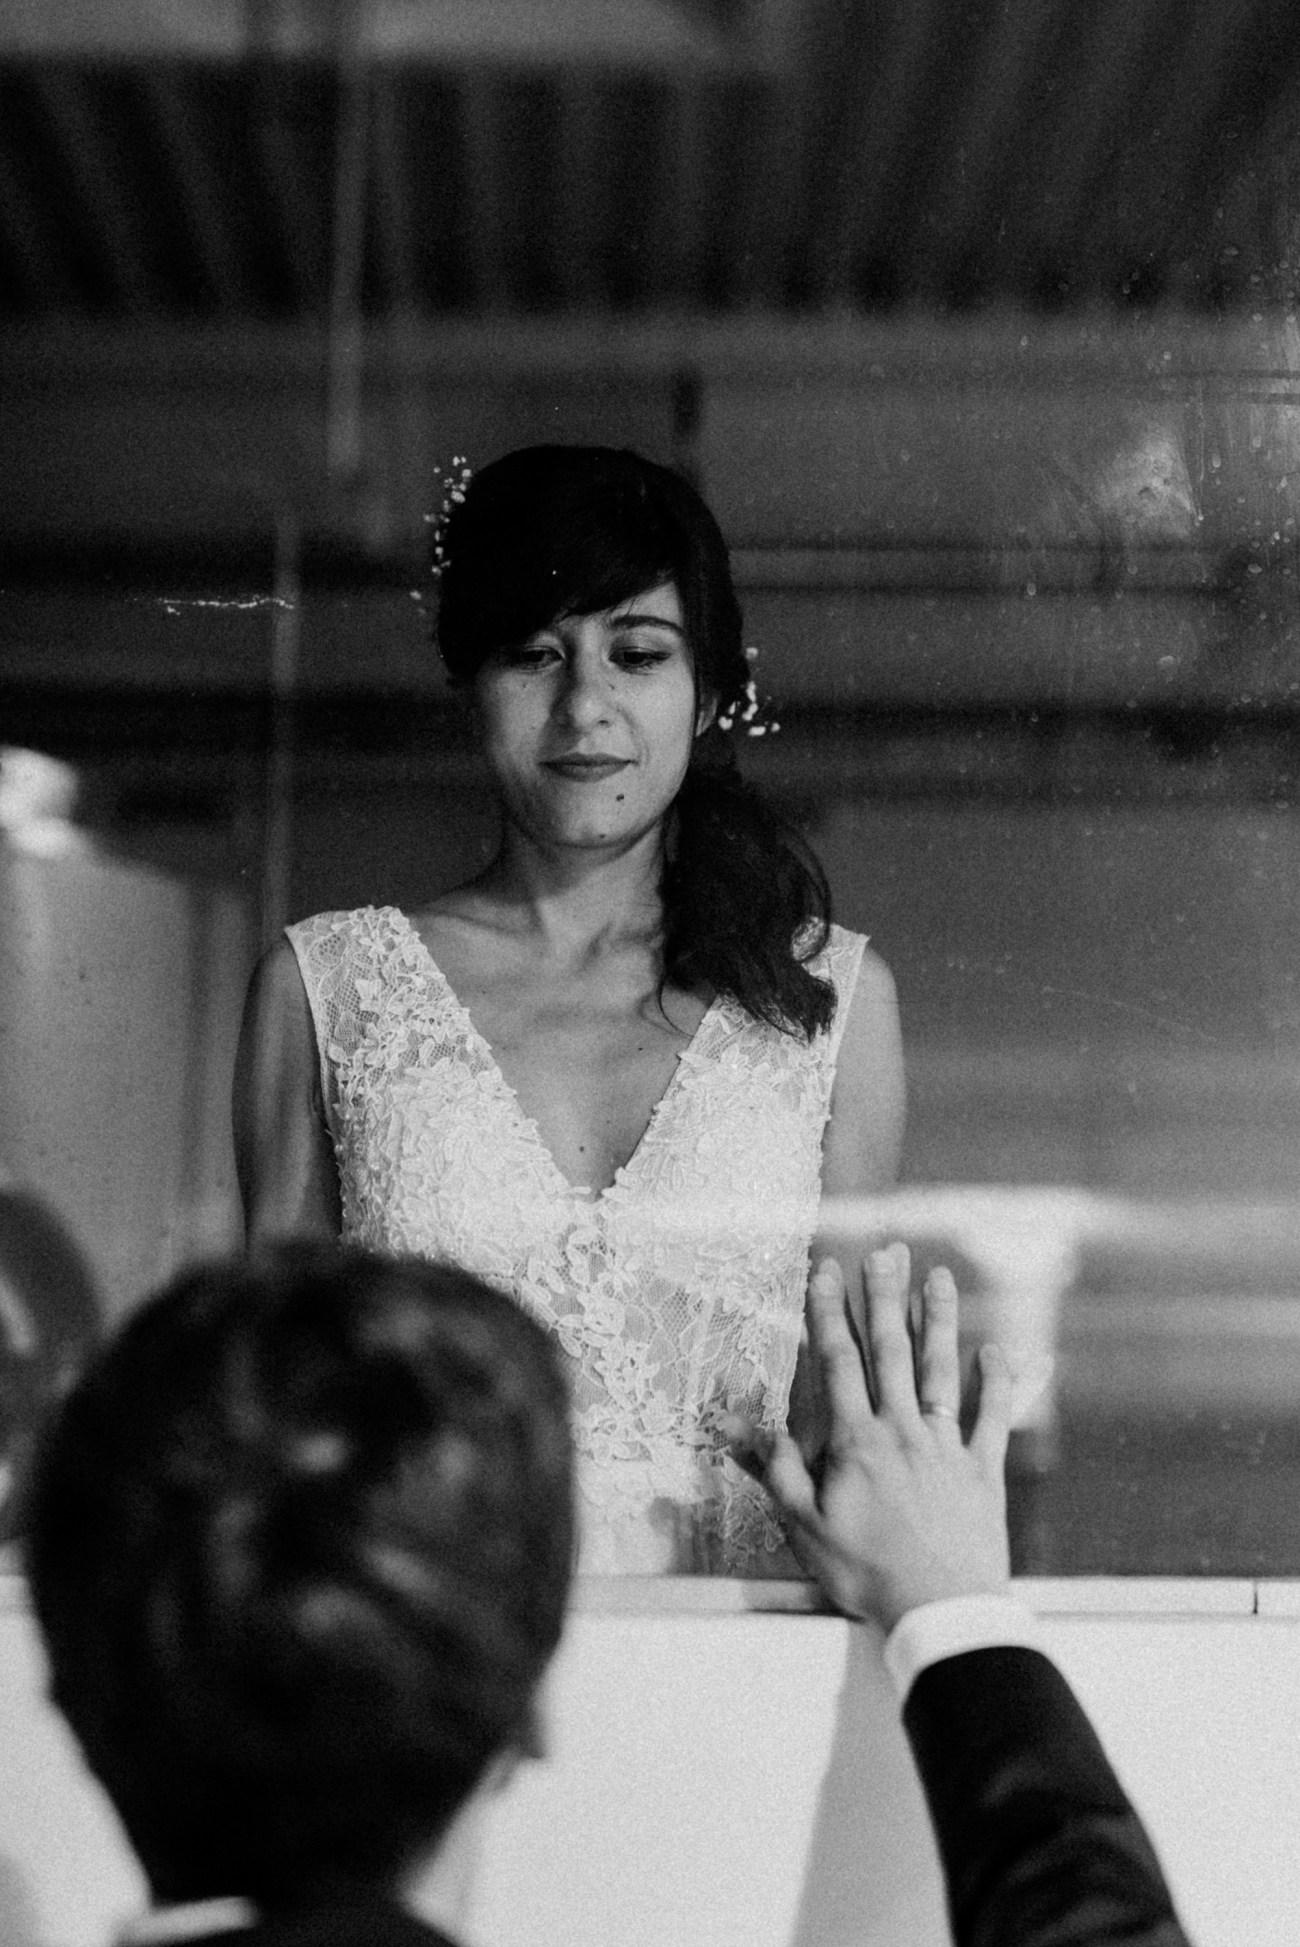 Eine Braut schaut durch ein Fenster zu Ihrem Bräutigam